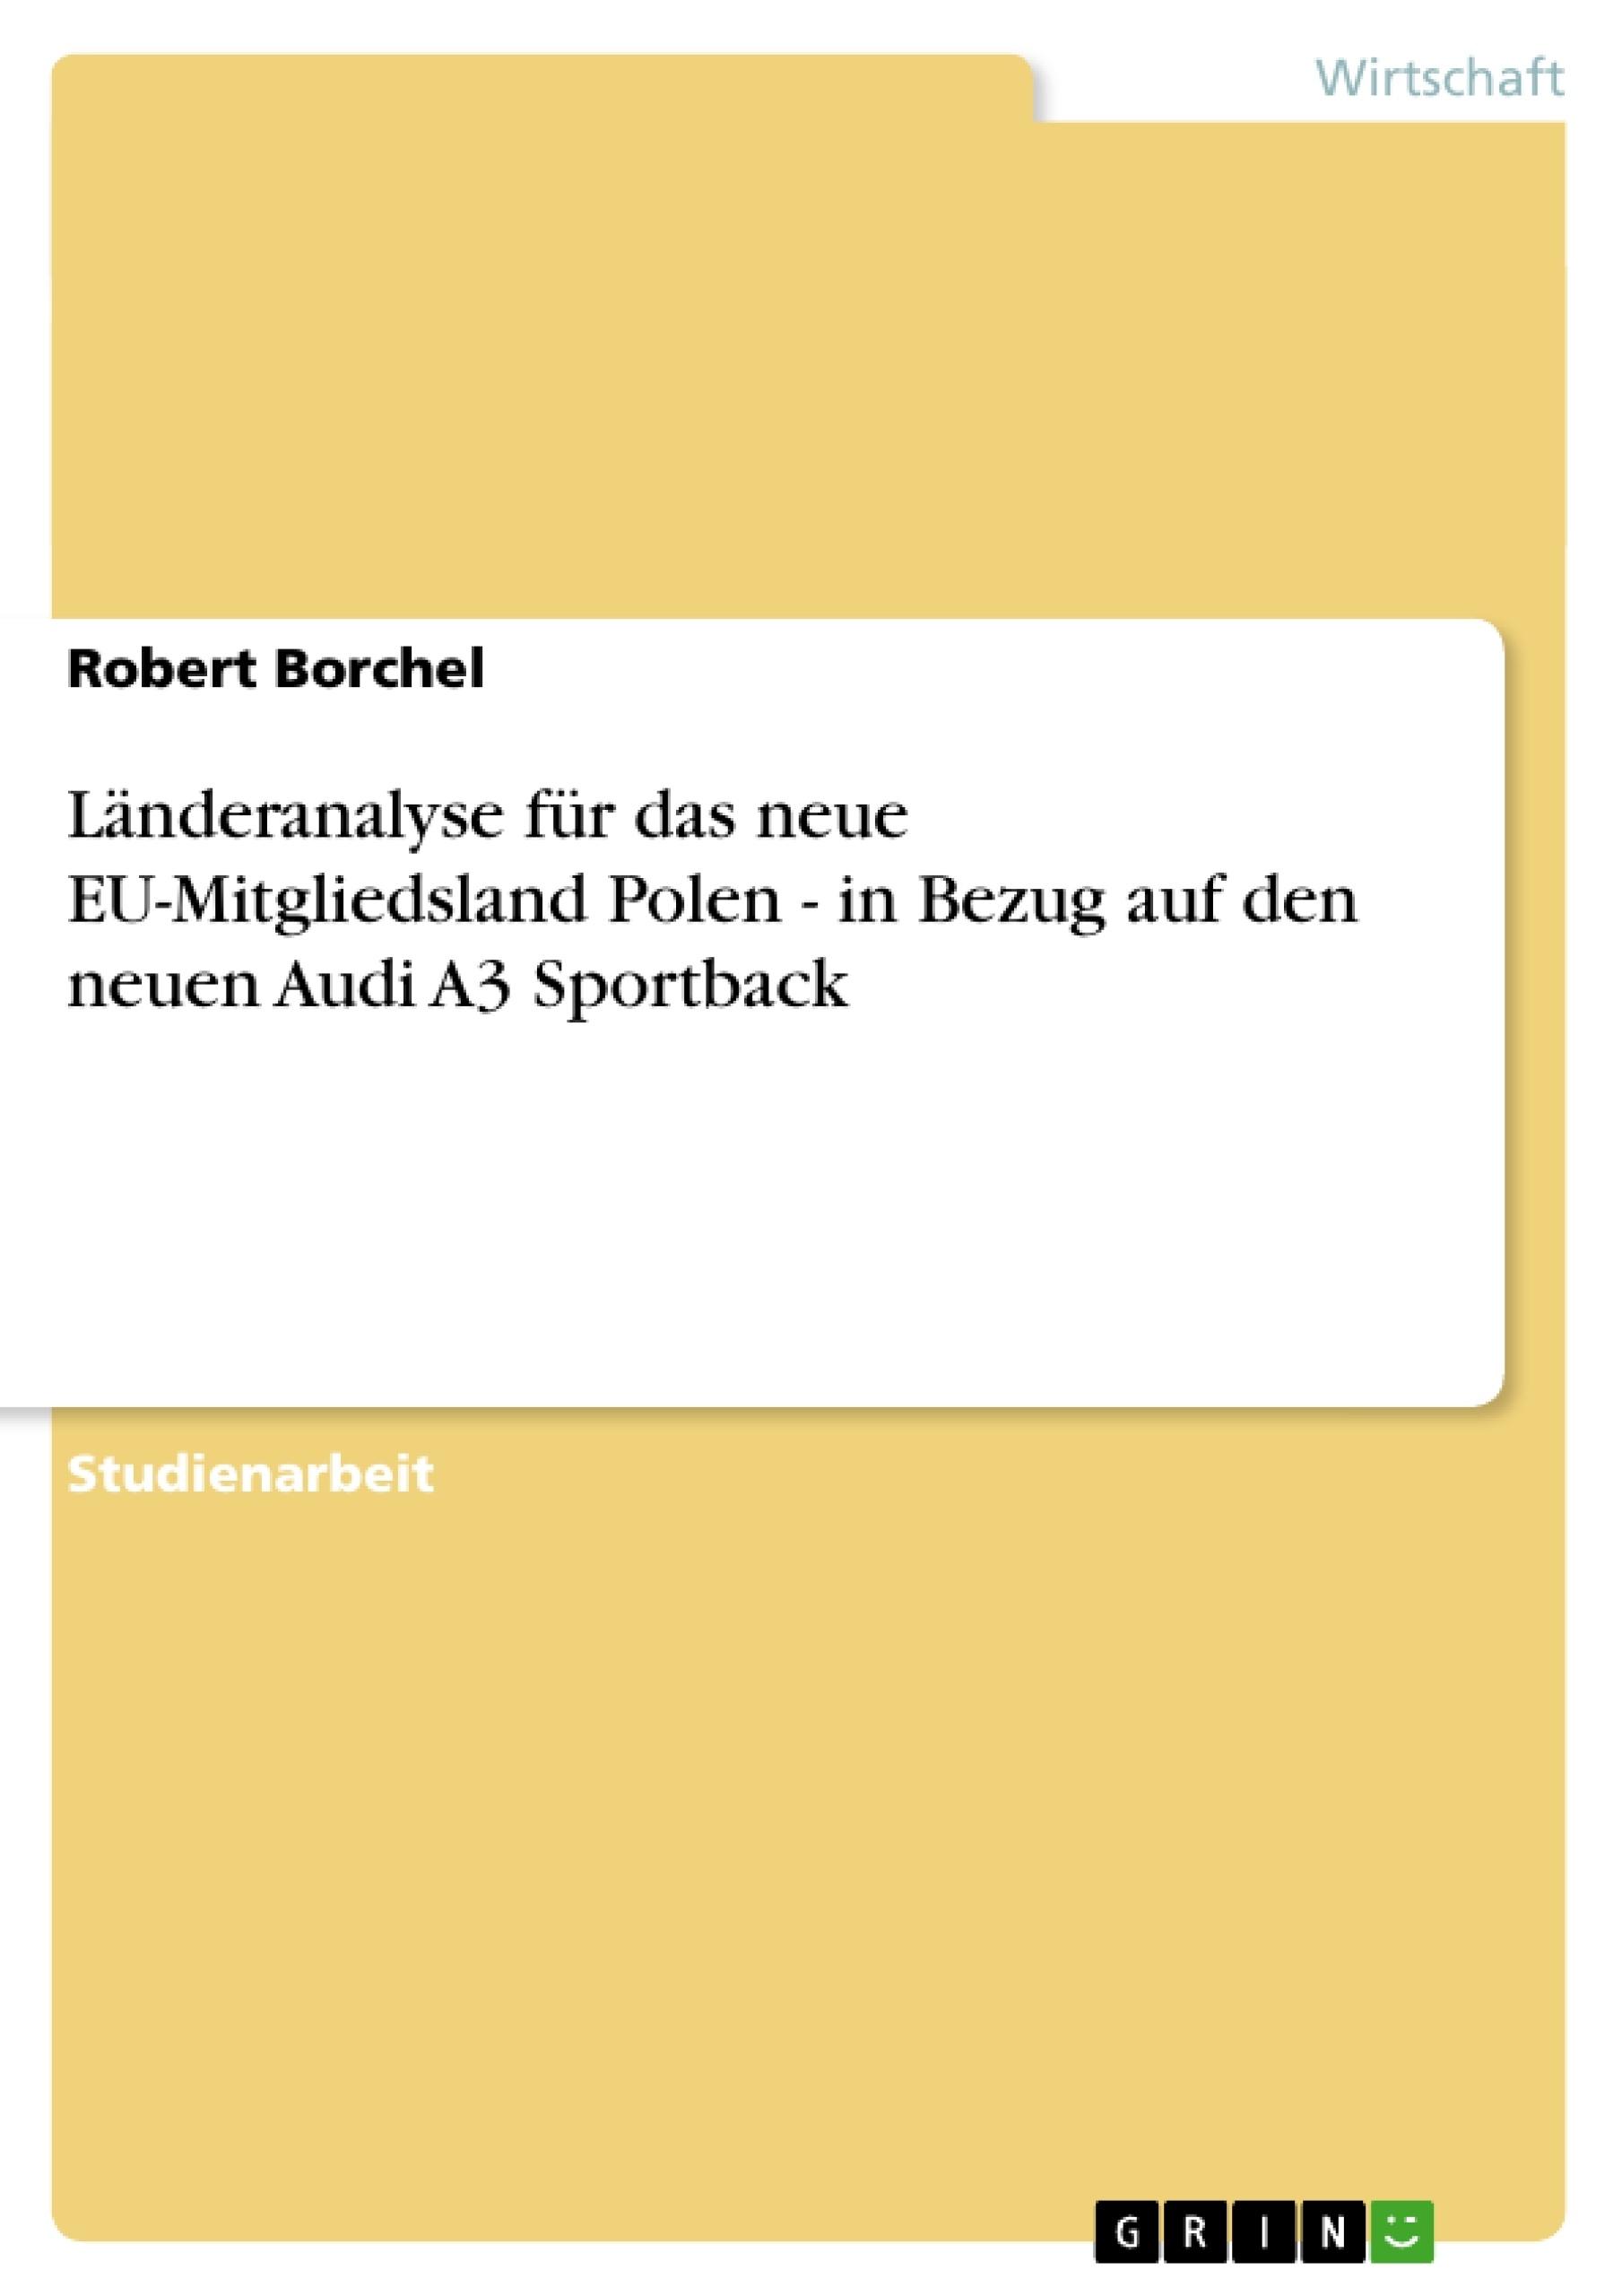 Titel: Länderanalyse für das neue EU-Mitgliedsland Polen -  in Bezug auf den neuen Audi A3 Sportback